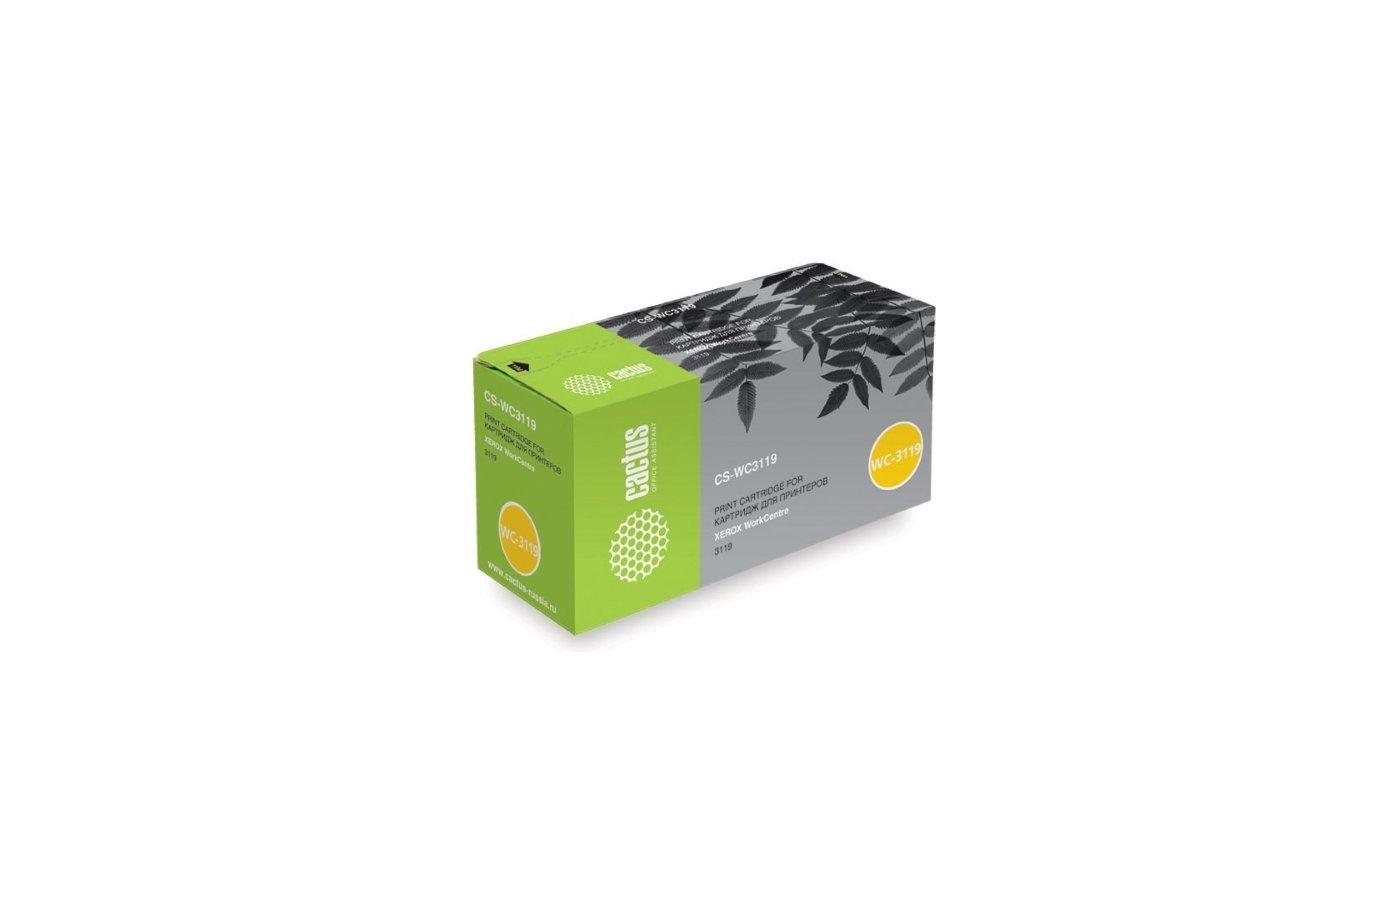 Картридж лазерный Тонер-картридж XEROX WC 3119 3000 стр (013R00625)